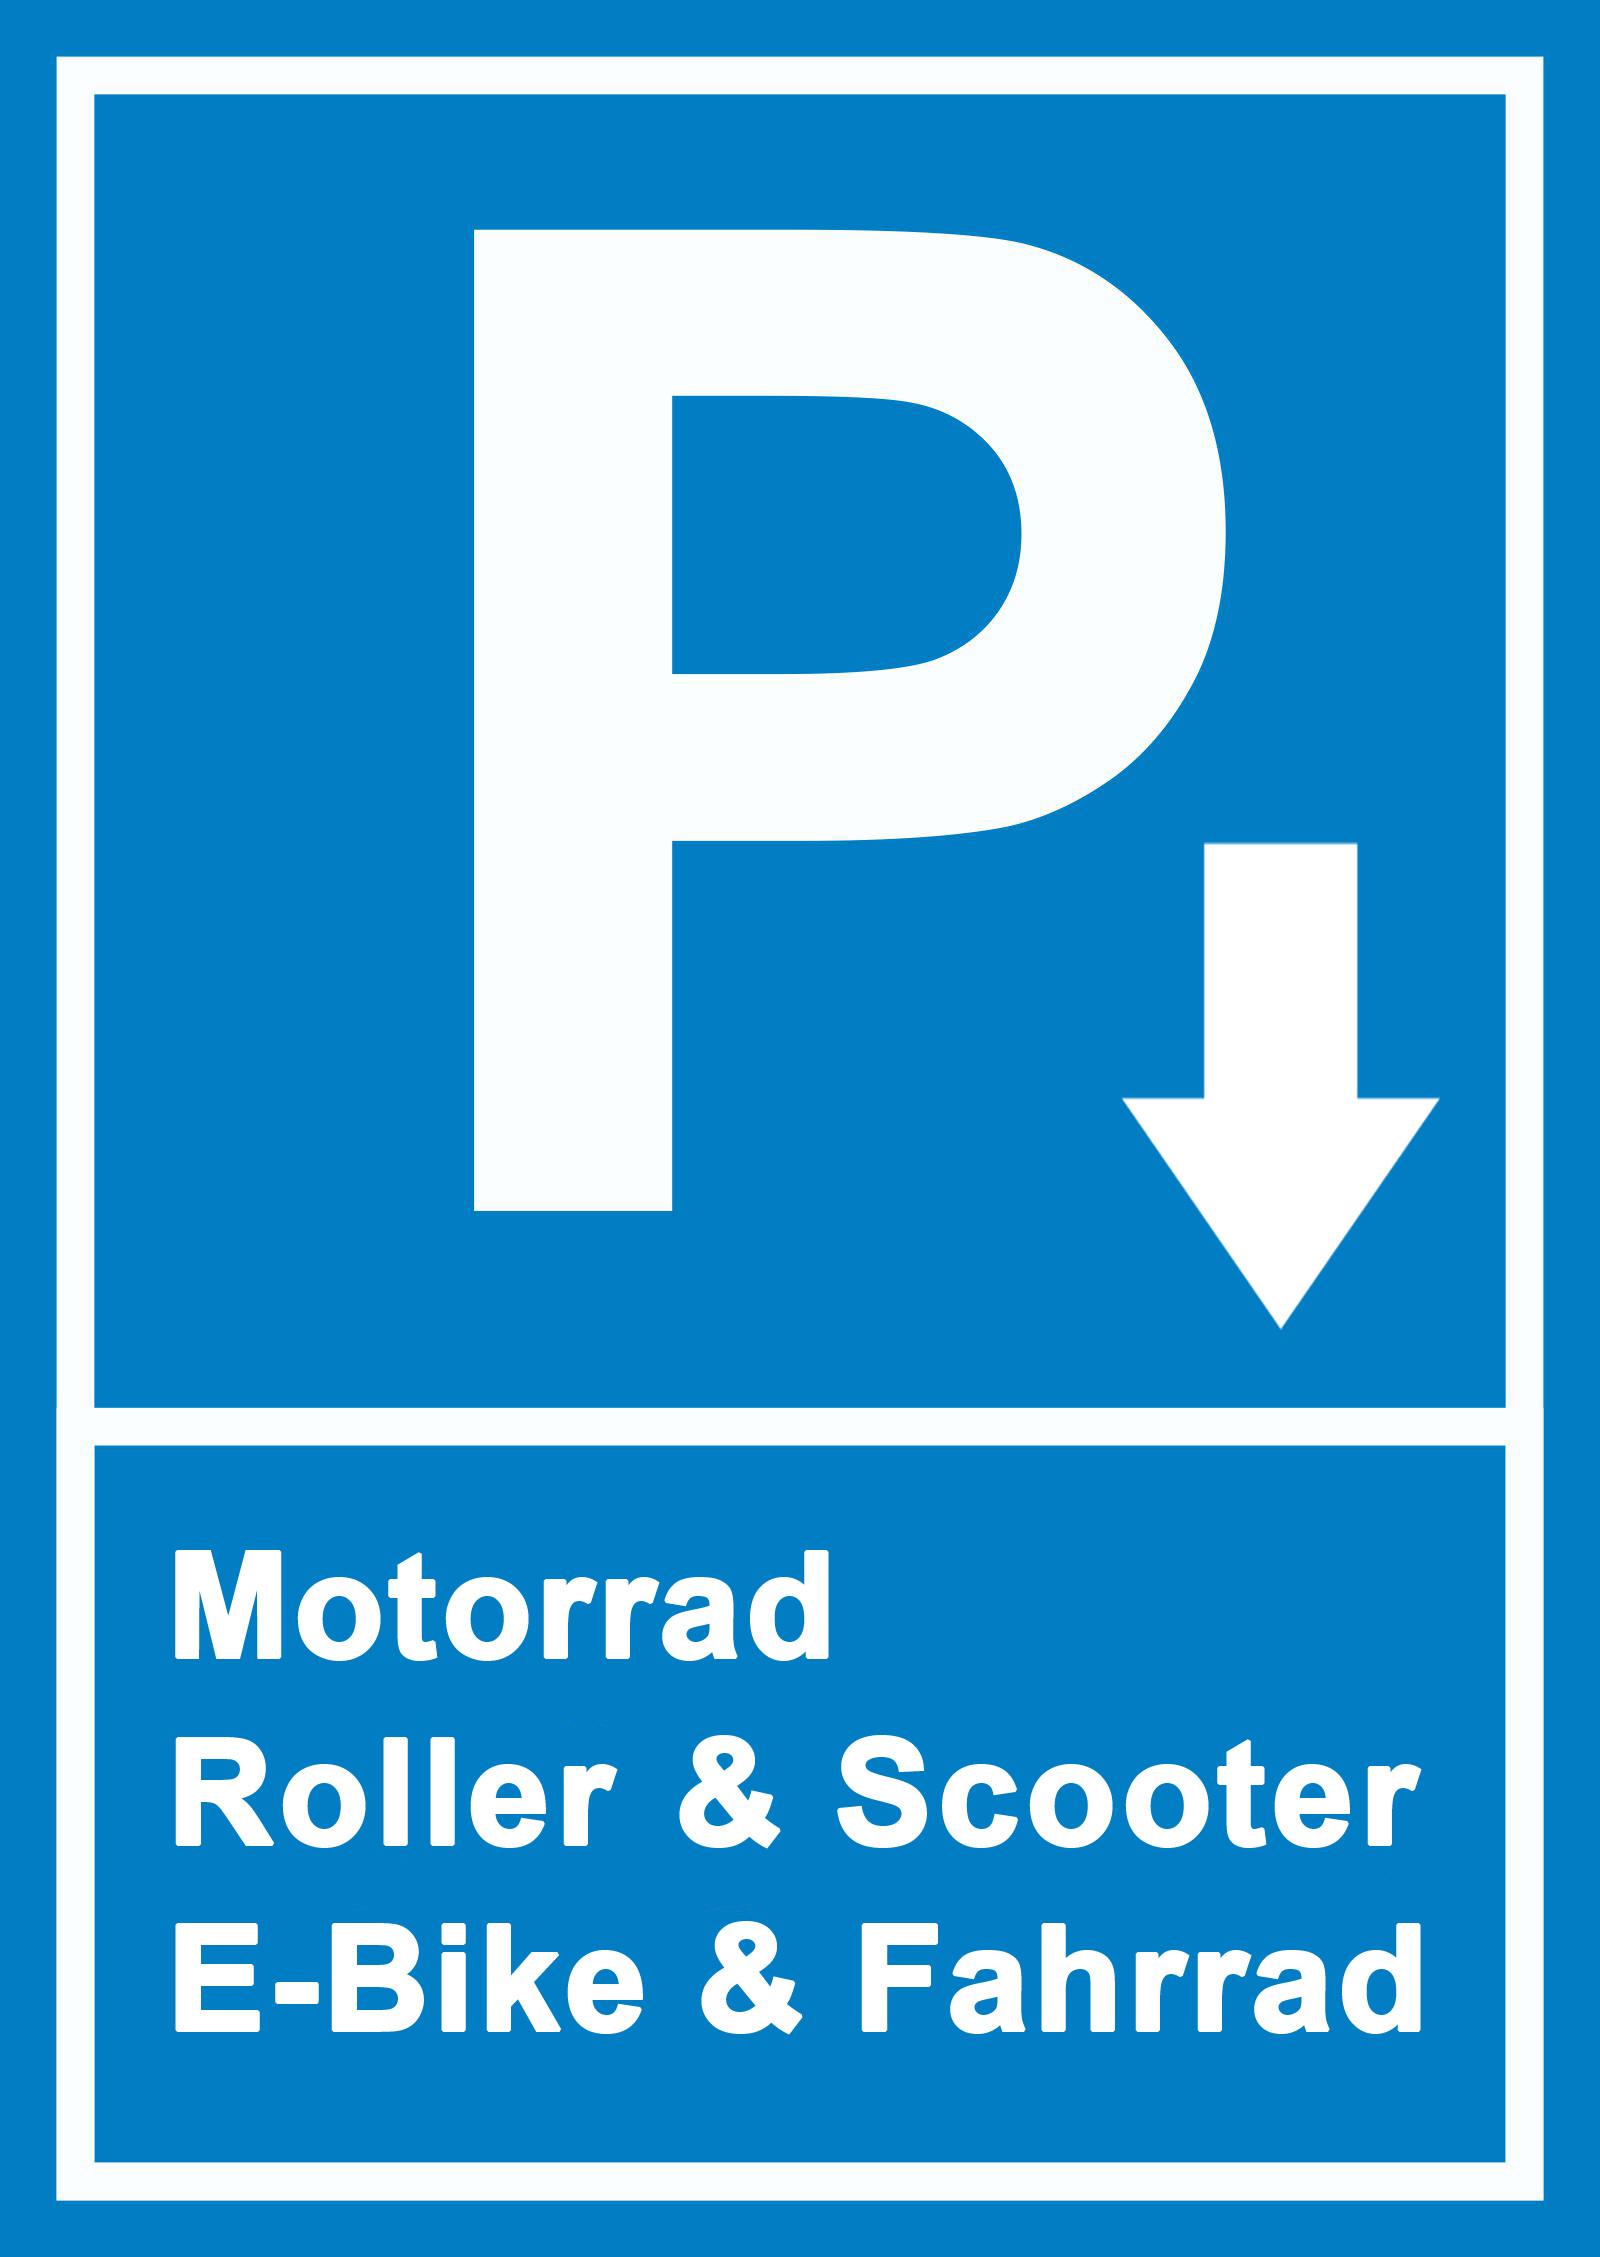 Stellplätze für Motorrad, Roller, Scooter, E-Bike, Mountainbike